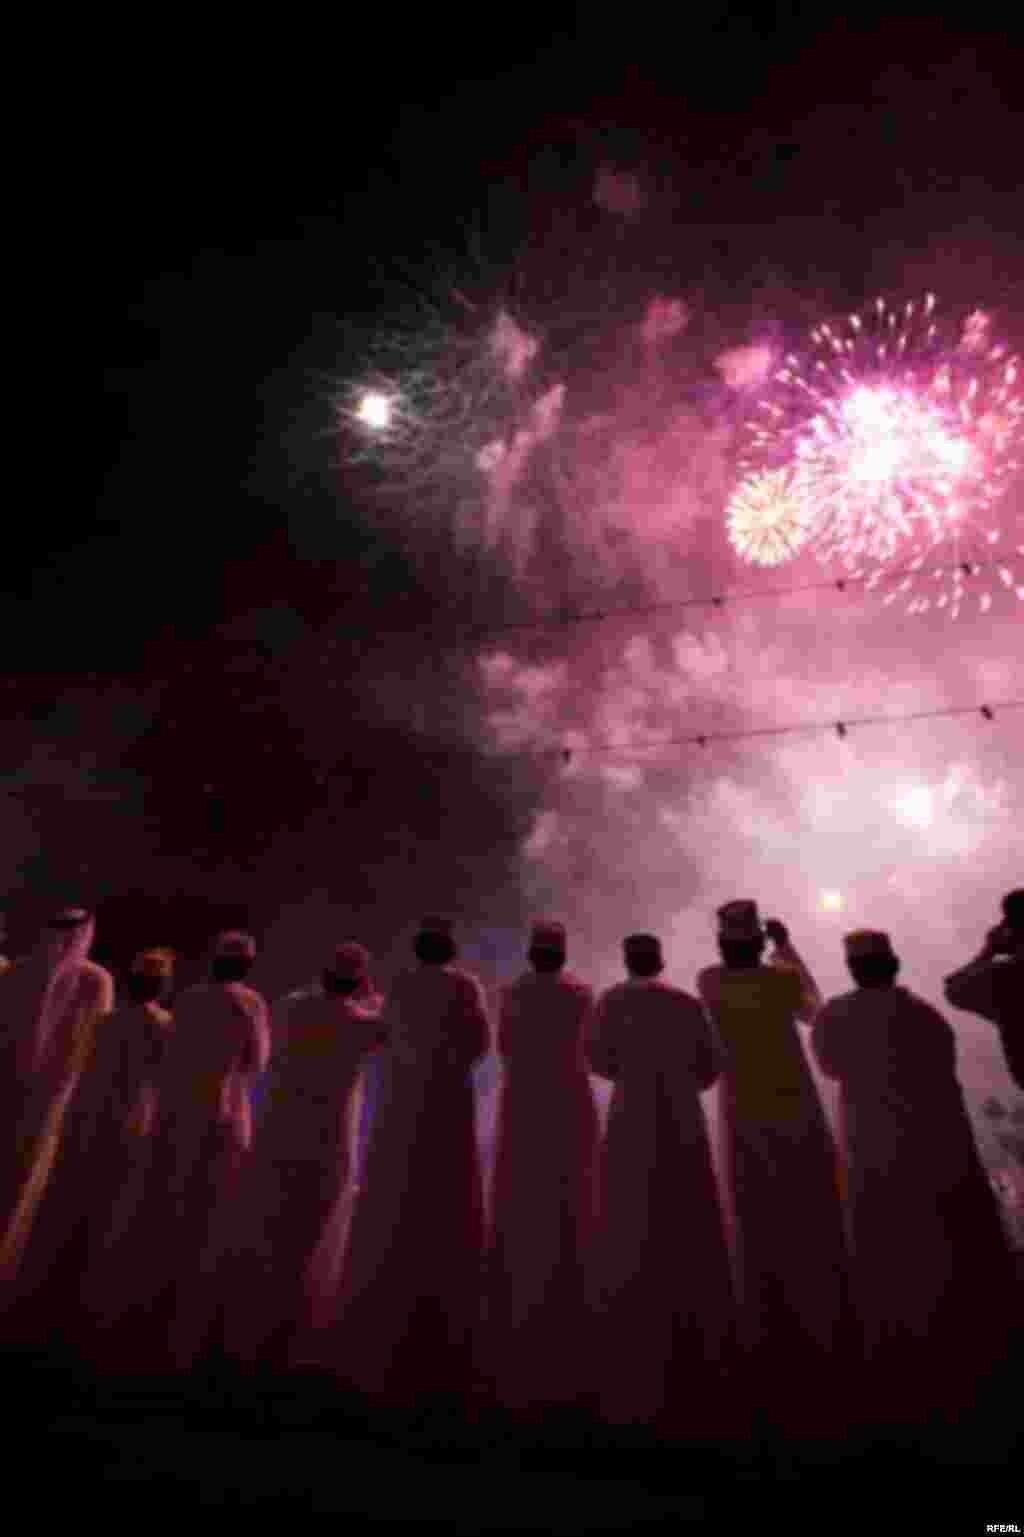 Омандагы фестивалдан дубай салам, 14.2.11/JCH #12